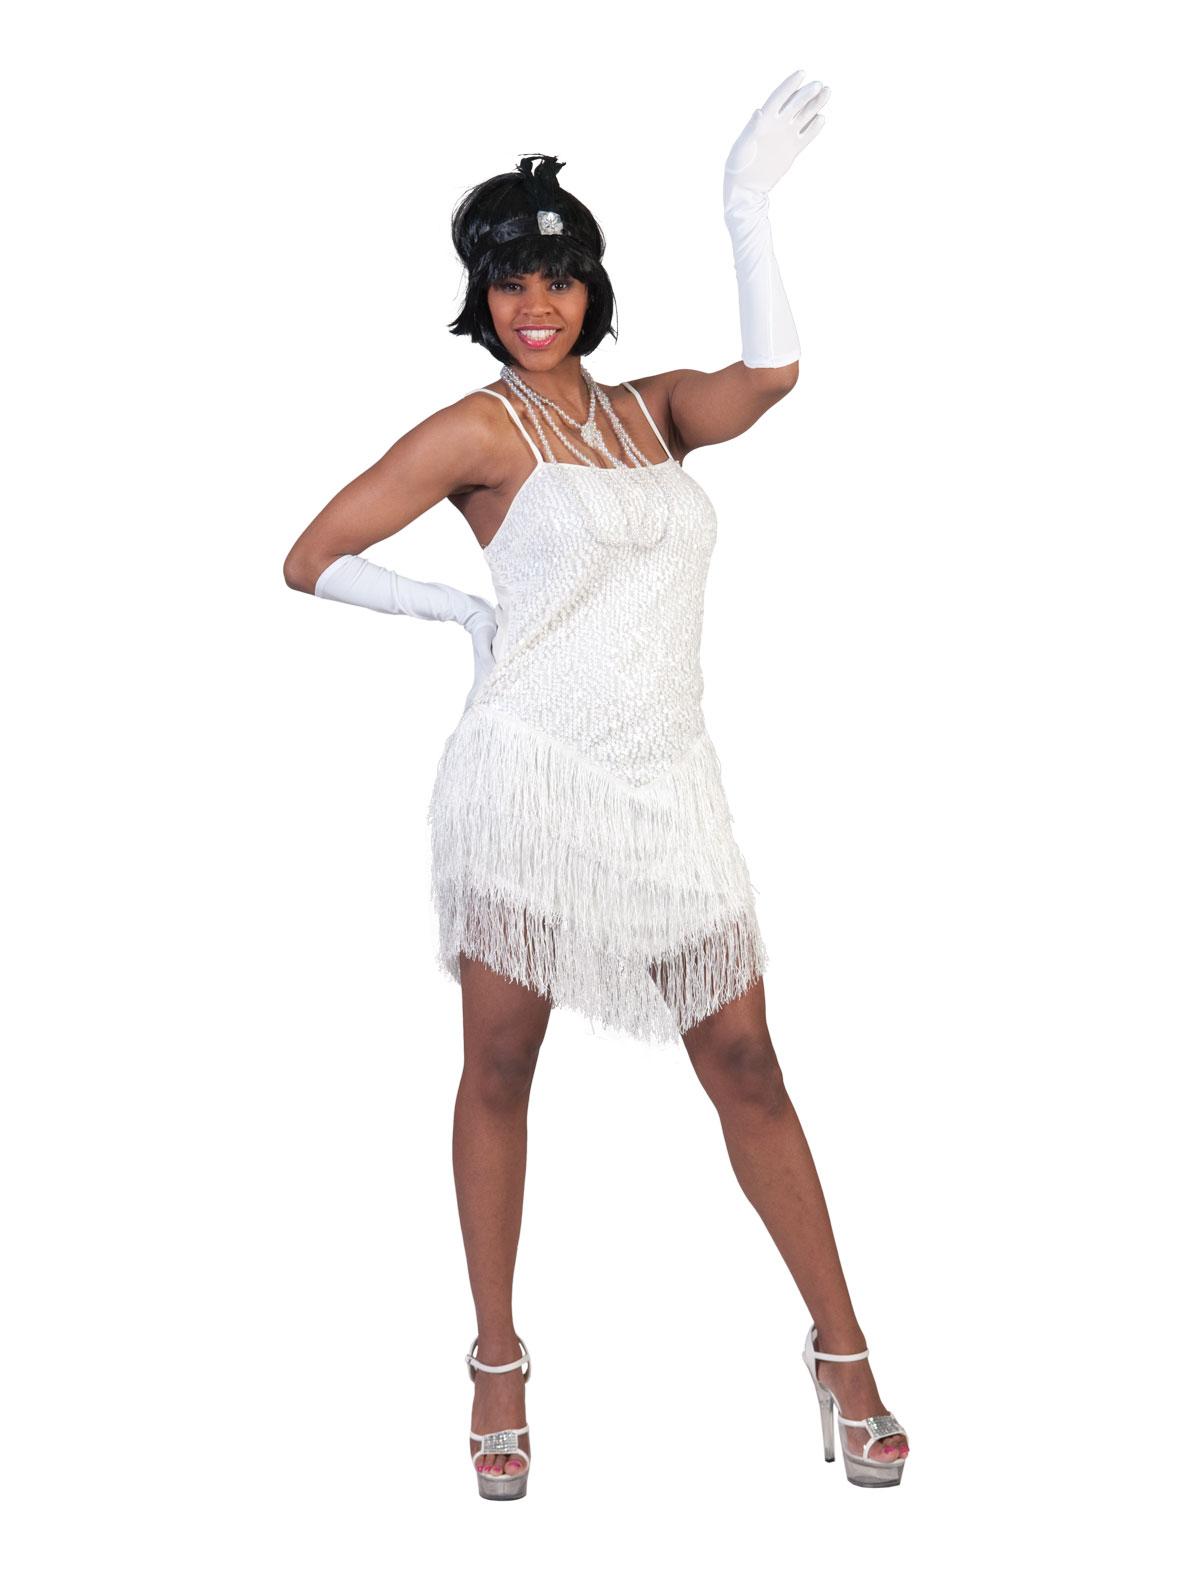 Charleston jurk wit